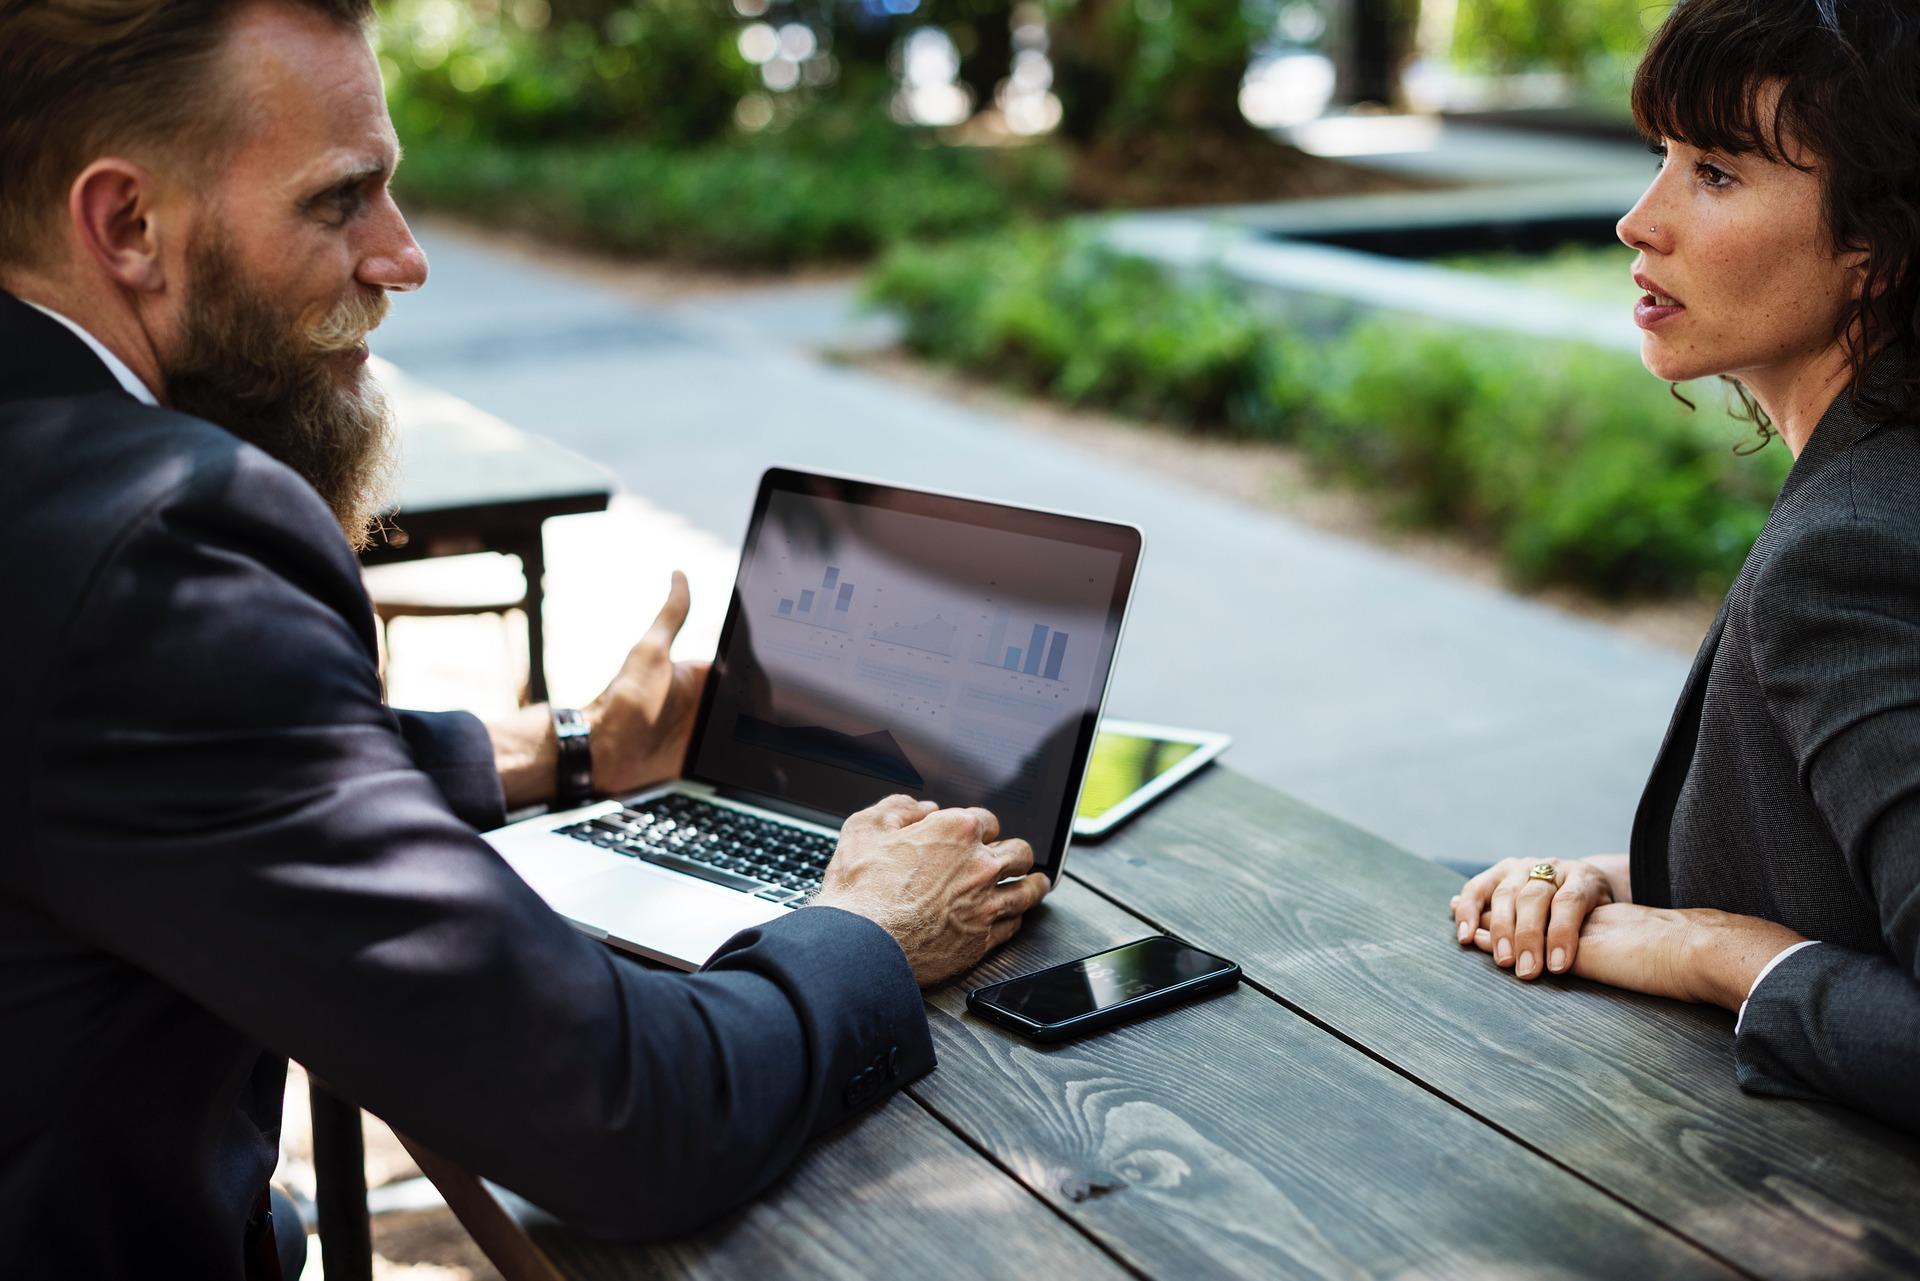 Entretiens annuels : l'employeur ne peut pas modifier les objectifs comme ça l'arrange